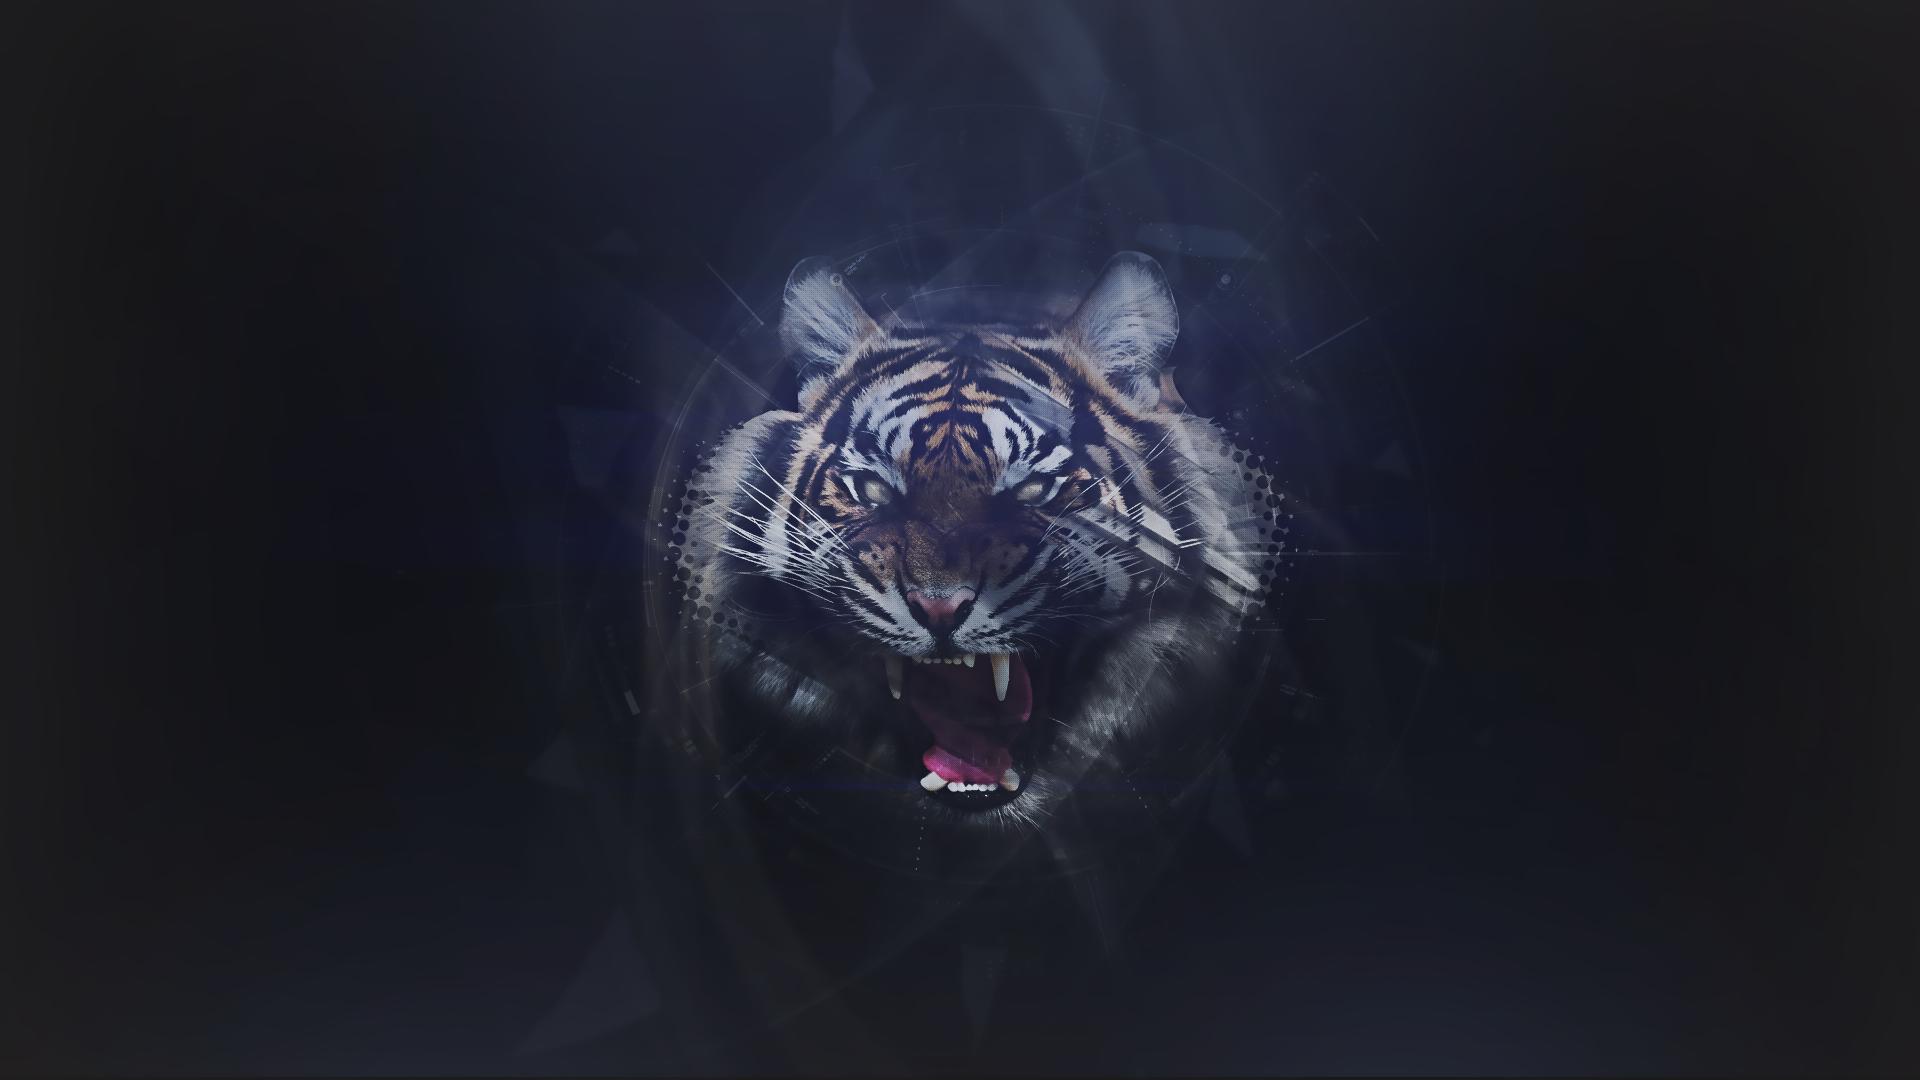 отметили, темные картинки с тигром также